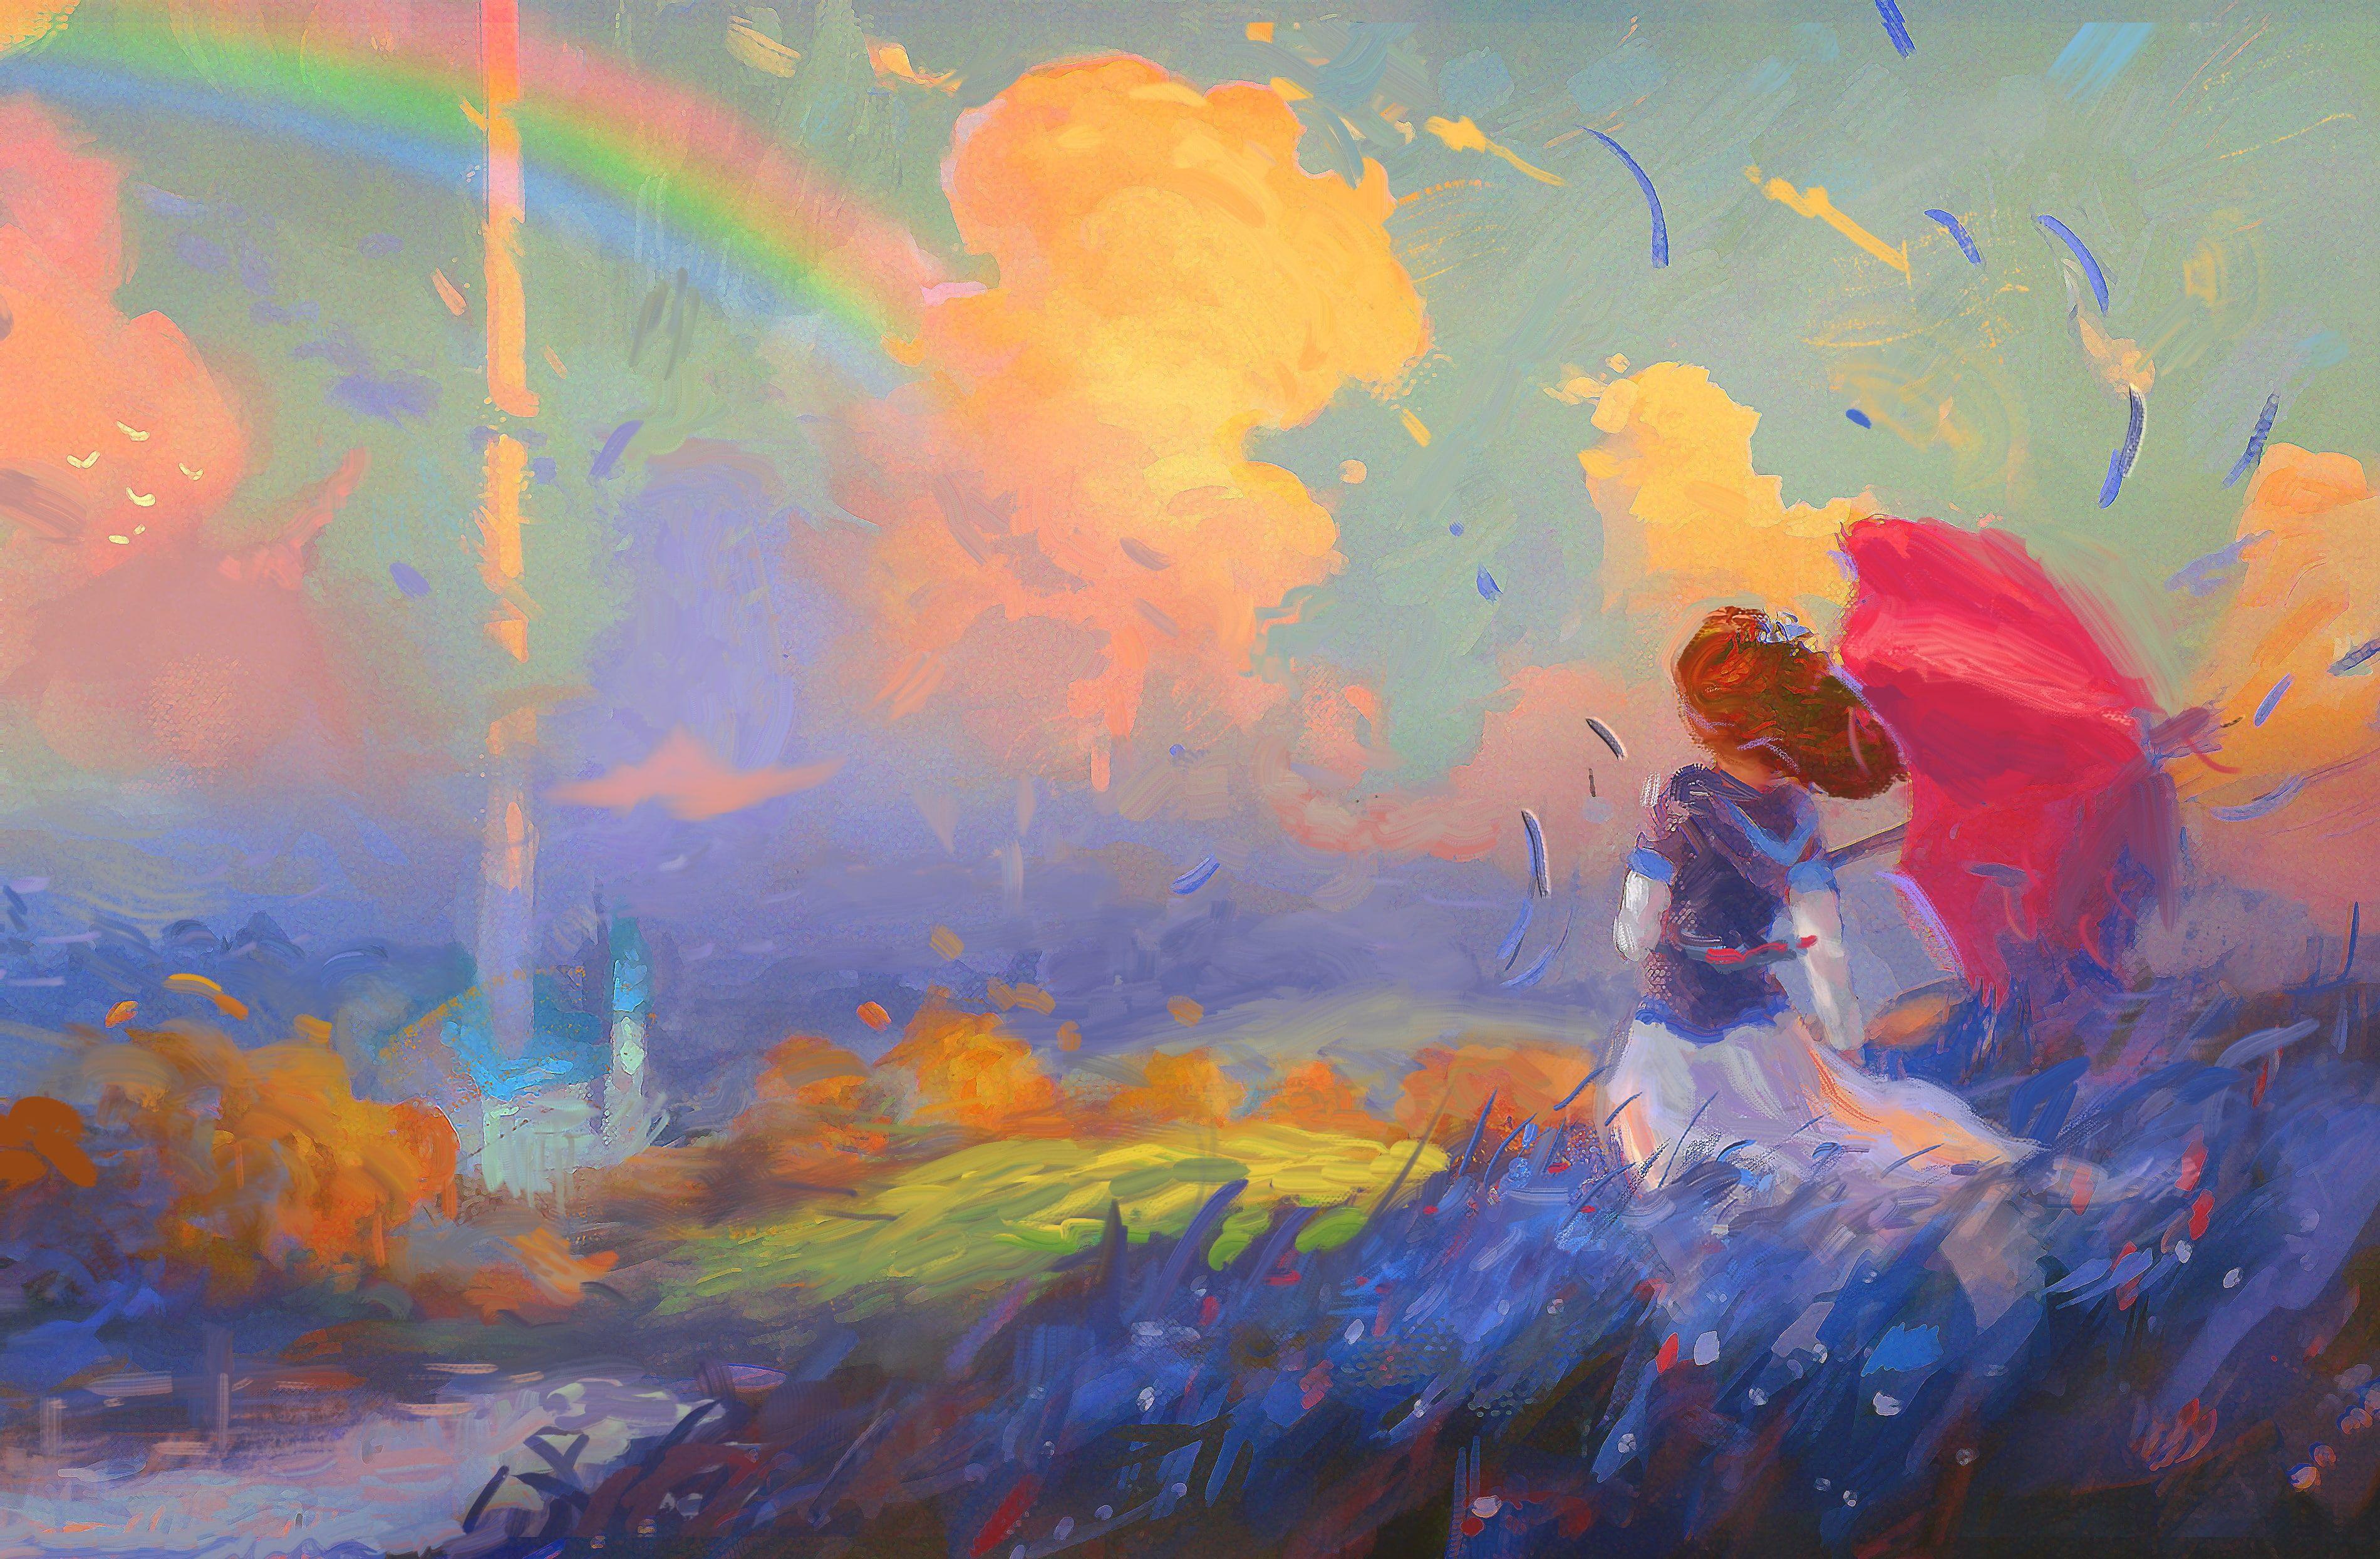 Alone 4k Paint Cute Girl 2k Wallpaper Hdwallpaper Desktop Painting Art Character Wallpaper Abstract artist artwork digital art hd